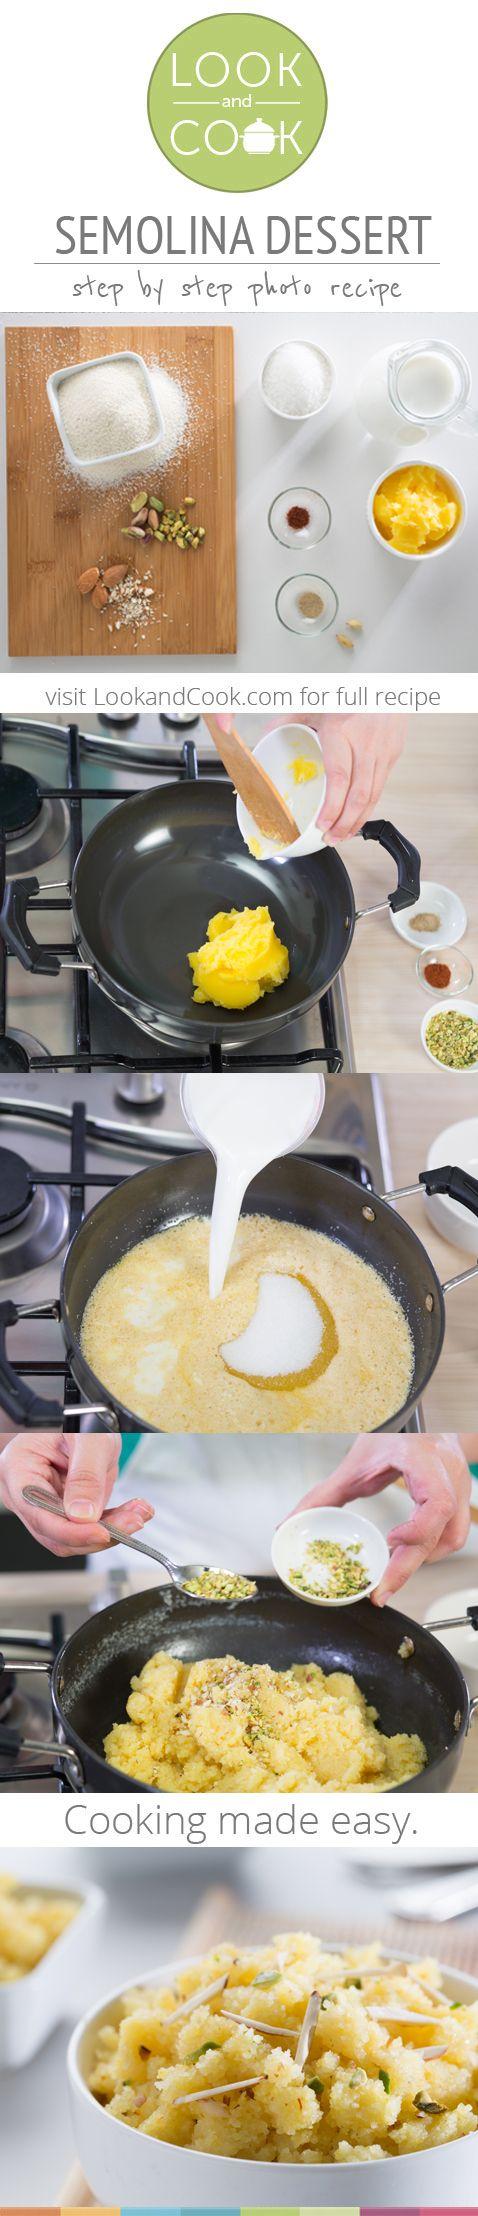 188 best desi images on pinterest desi food indian recipes and 188 best desi images on pinterest desi food indian recipes and pakistani recipes forumfinder Images